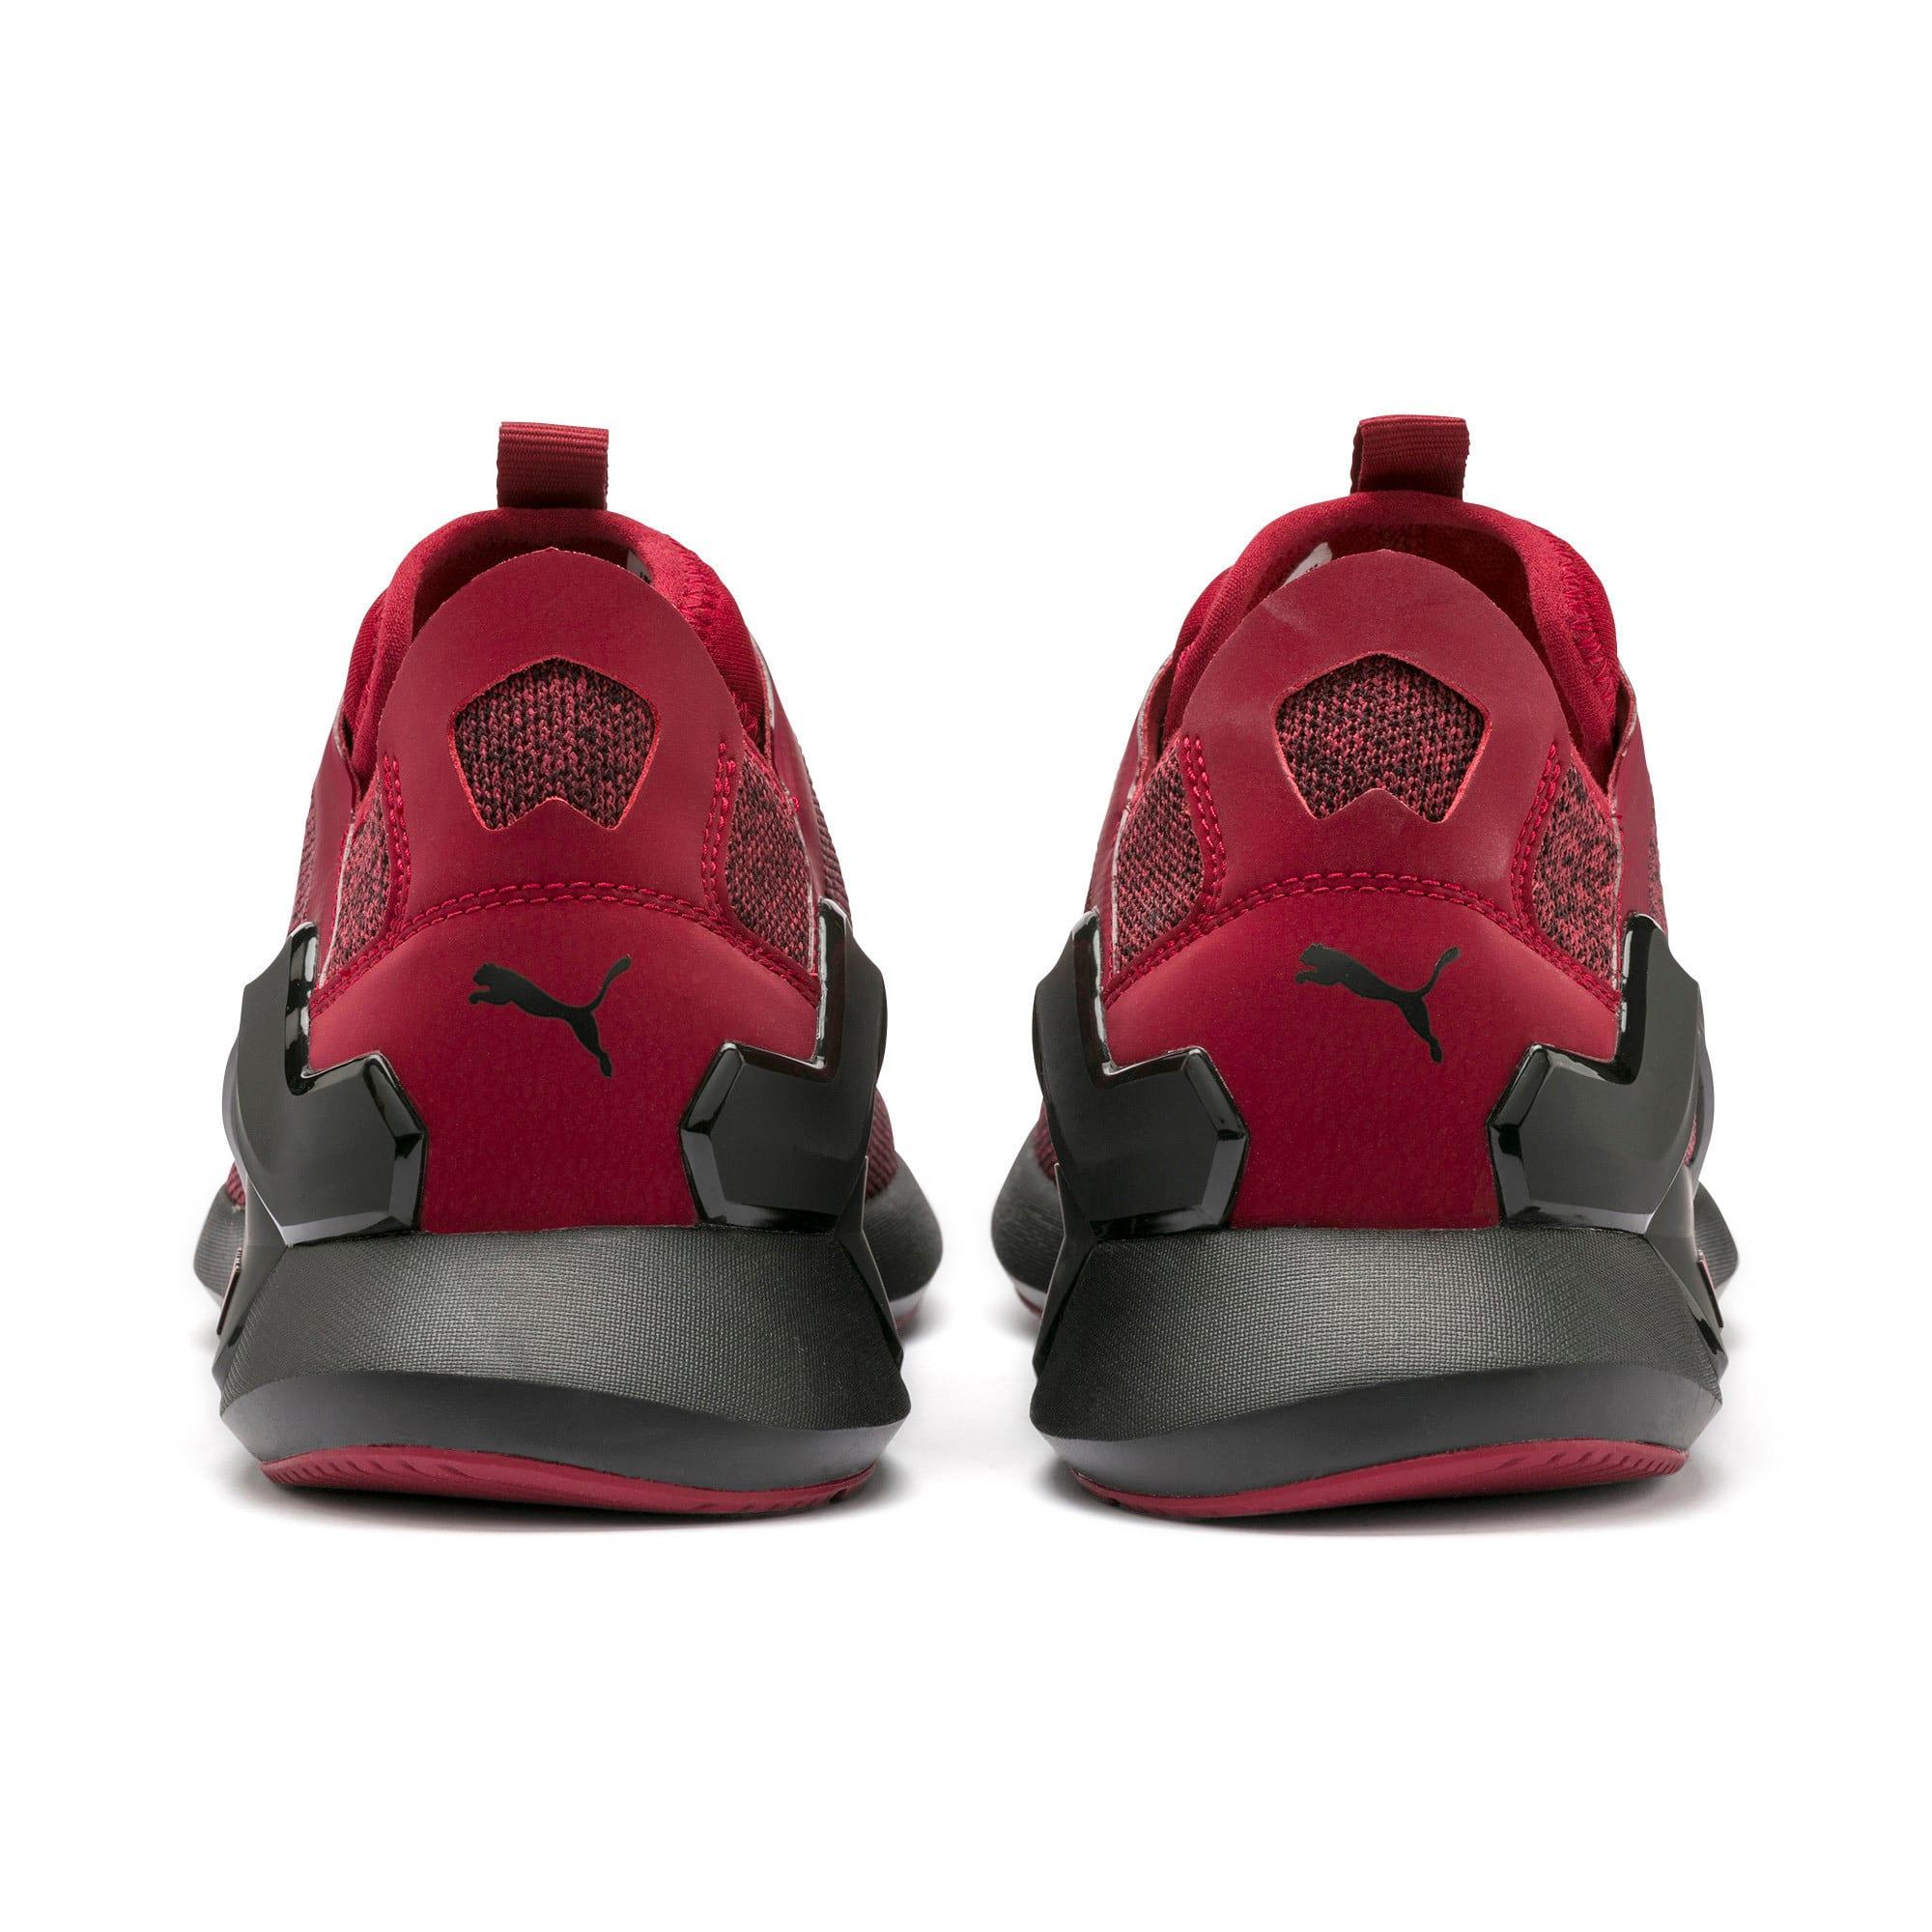 Miniatura 4 de Zapatos de entrenamiento Rogue X Knit para hombre, Rhubarb, mediano